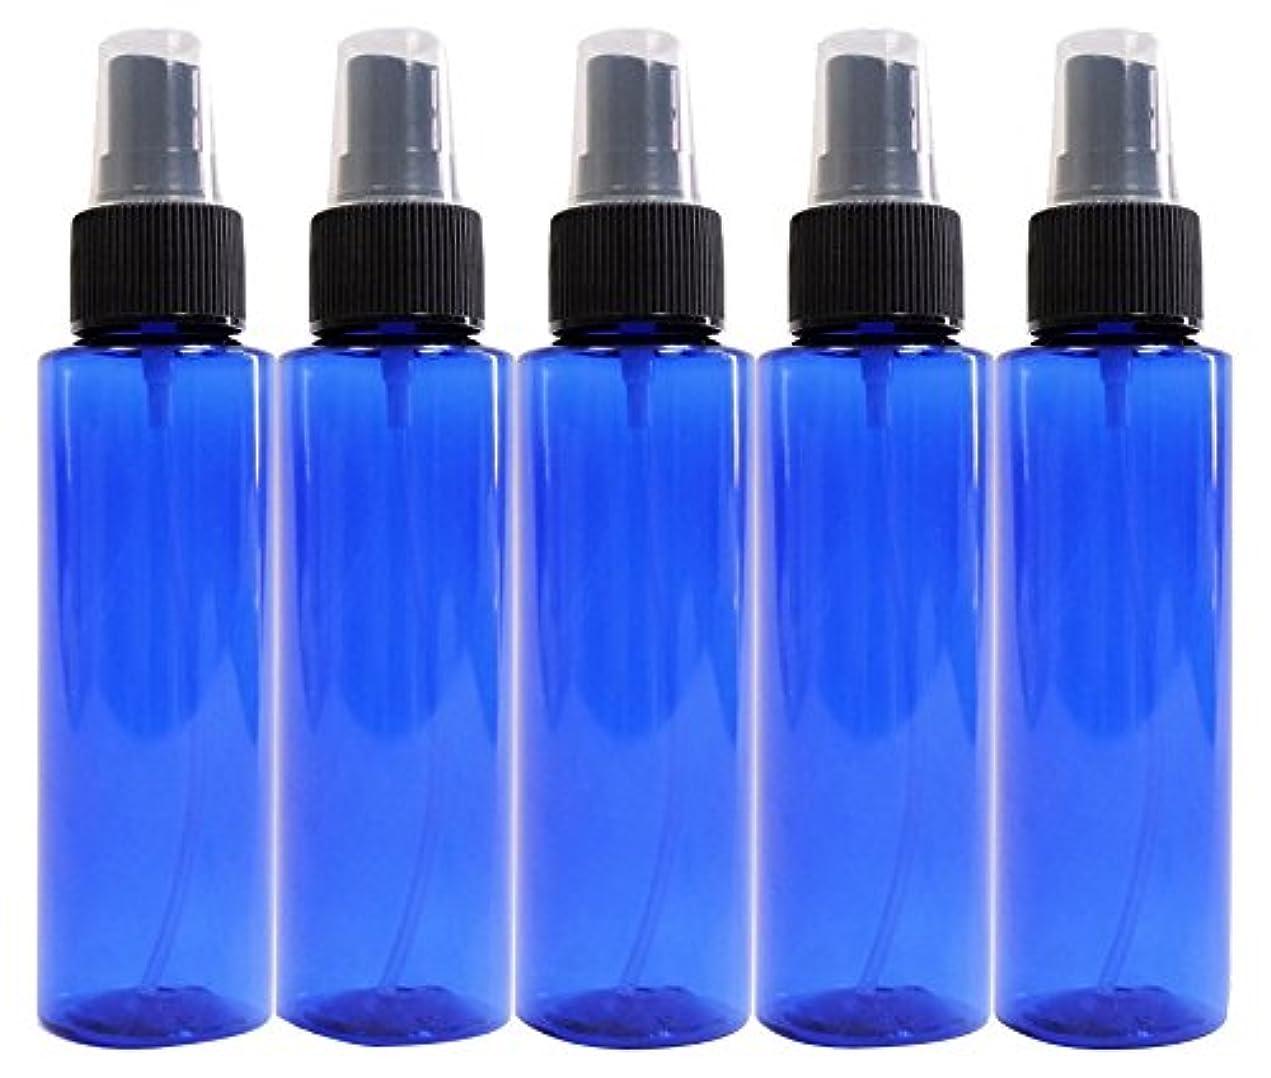 議会香り失礼なease 保存容器 スプレータイプ プラスチック 青色 100ml×5本